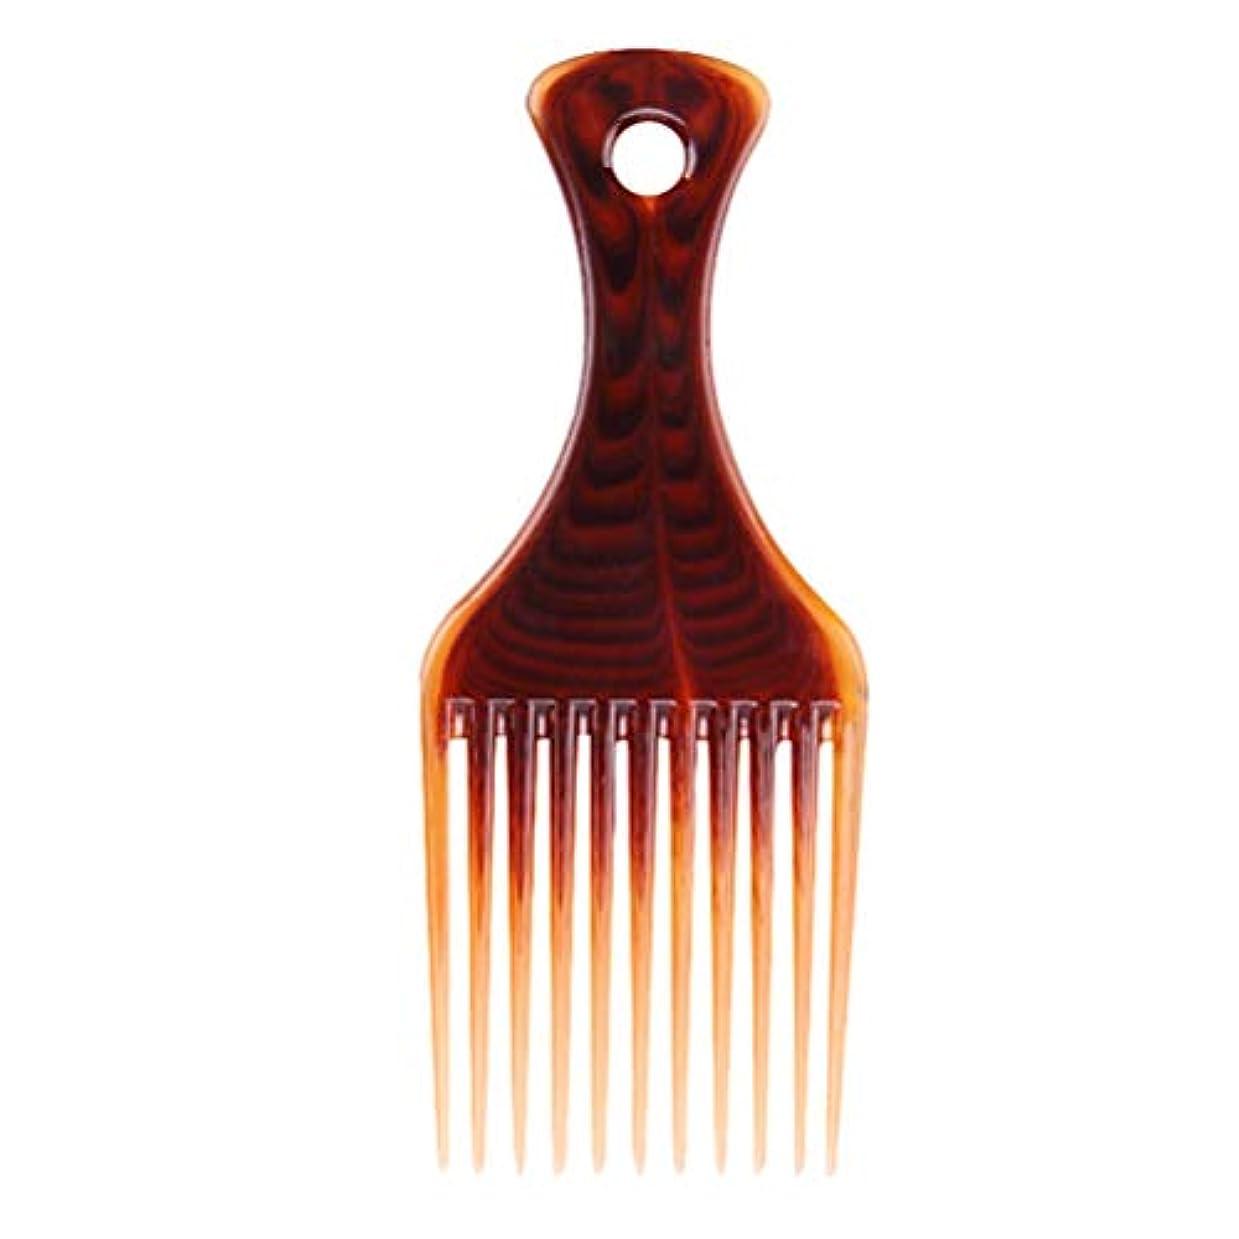 あえてクリーナー側HEALIFTY プラスチック広い歯の櫛サロンブラシスタイリング理髪髪フォークピッキング櫛